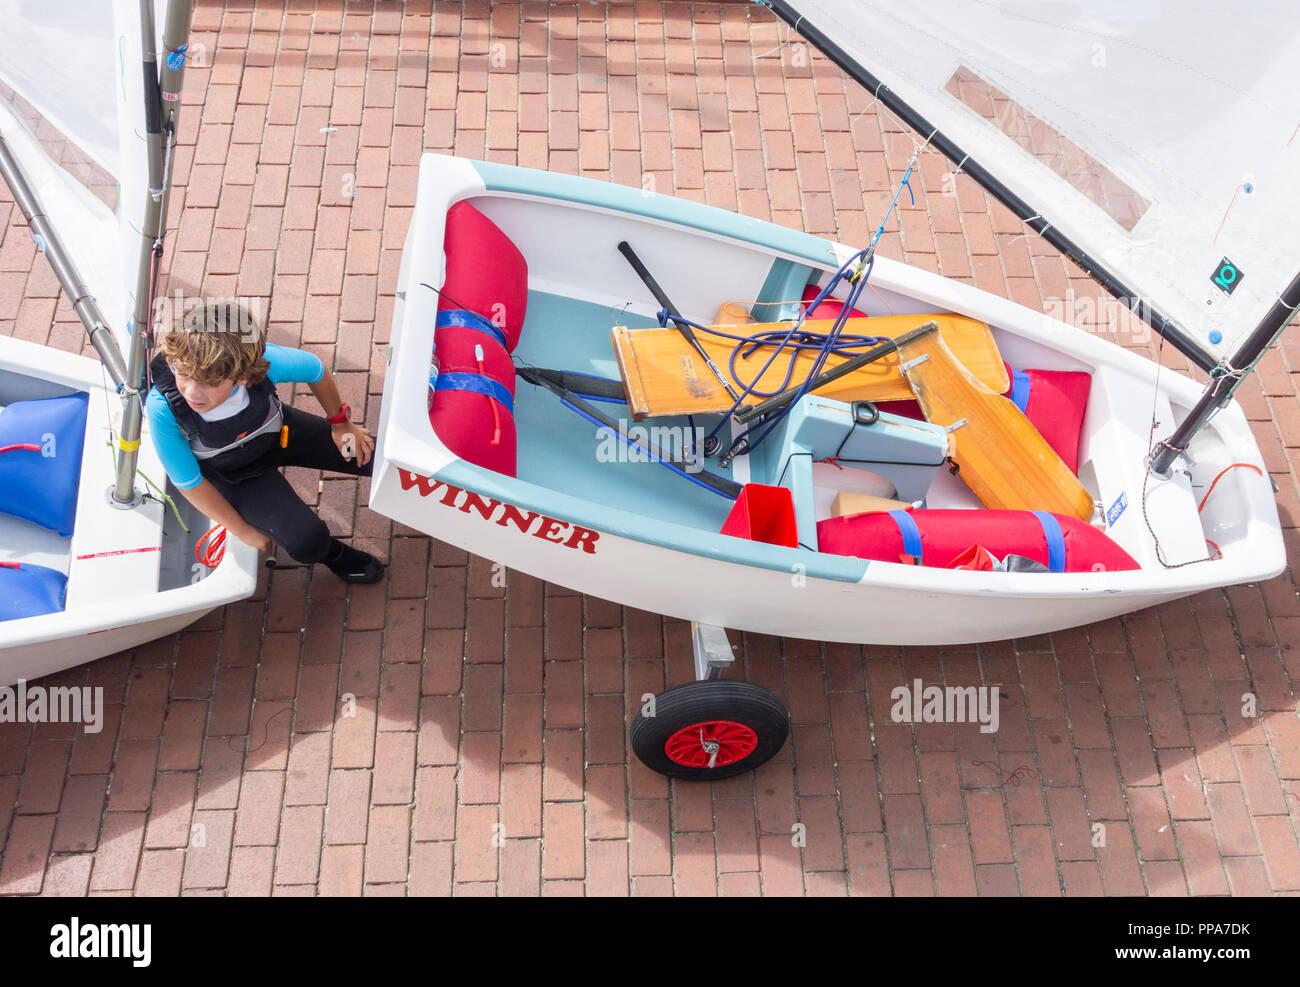 Optimist Klasse Jollen auf helling auf Kinder segeln Wettbewerb in Spanien. Stockbild